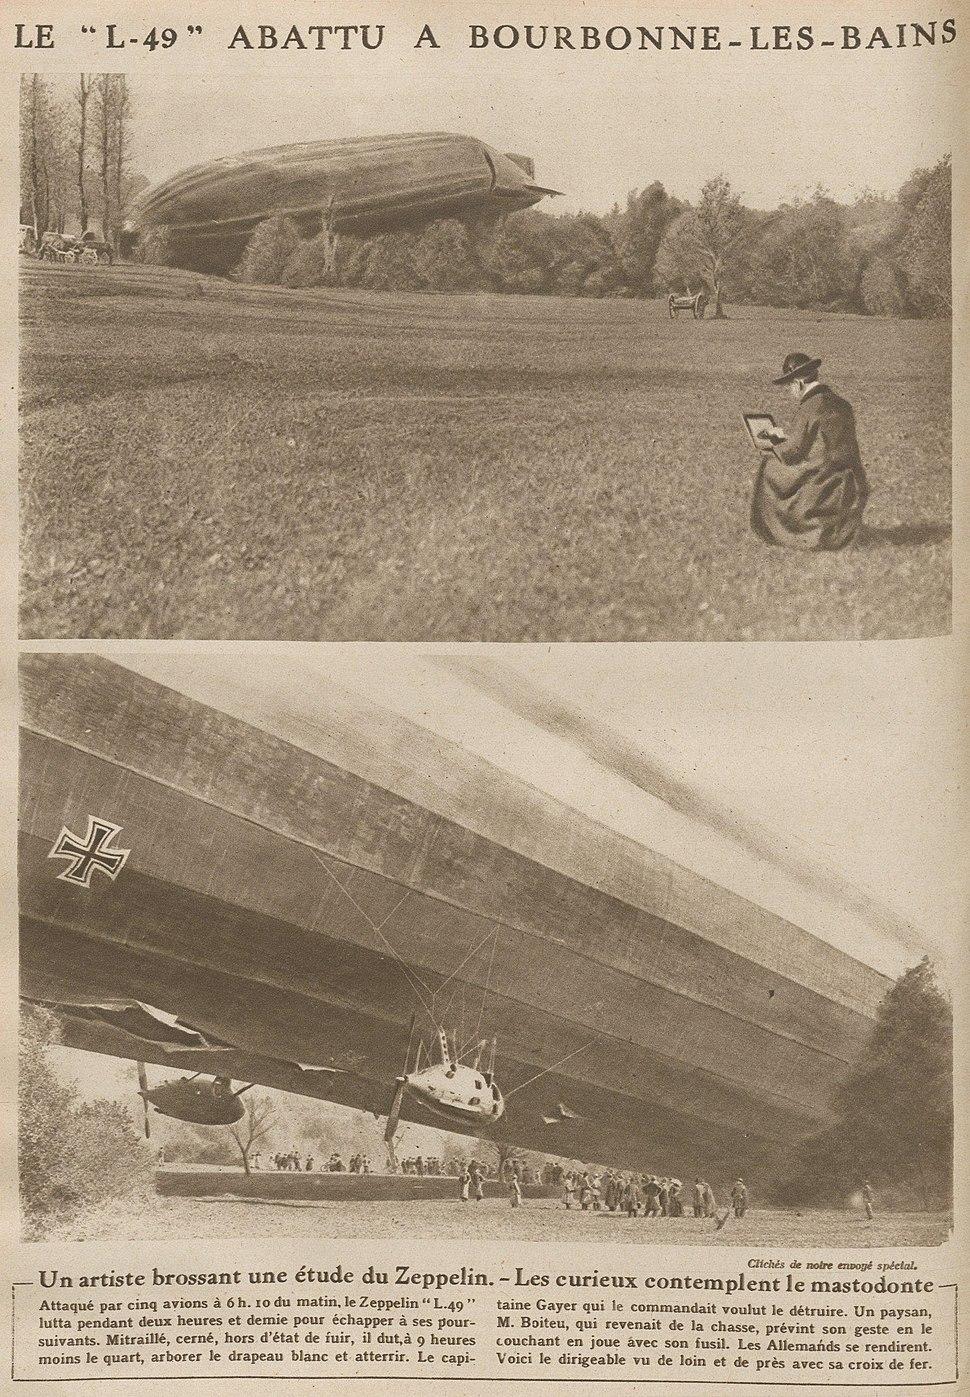 Chute du dirigeable allemand L-49 à Bourbonne-les-Bains en 1917